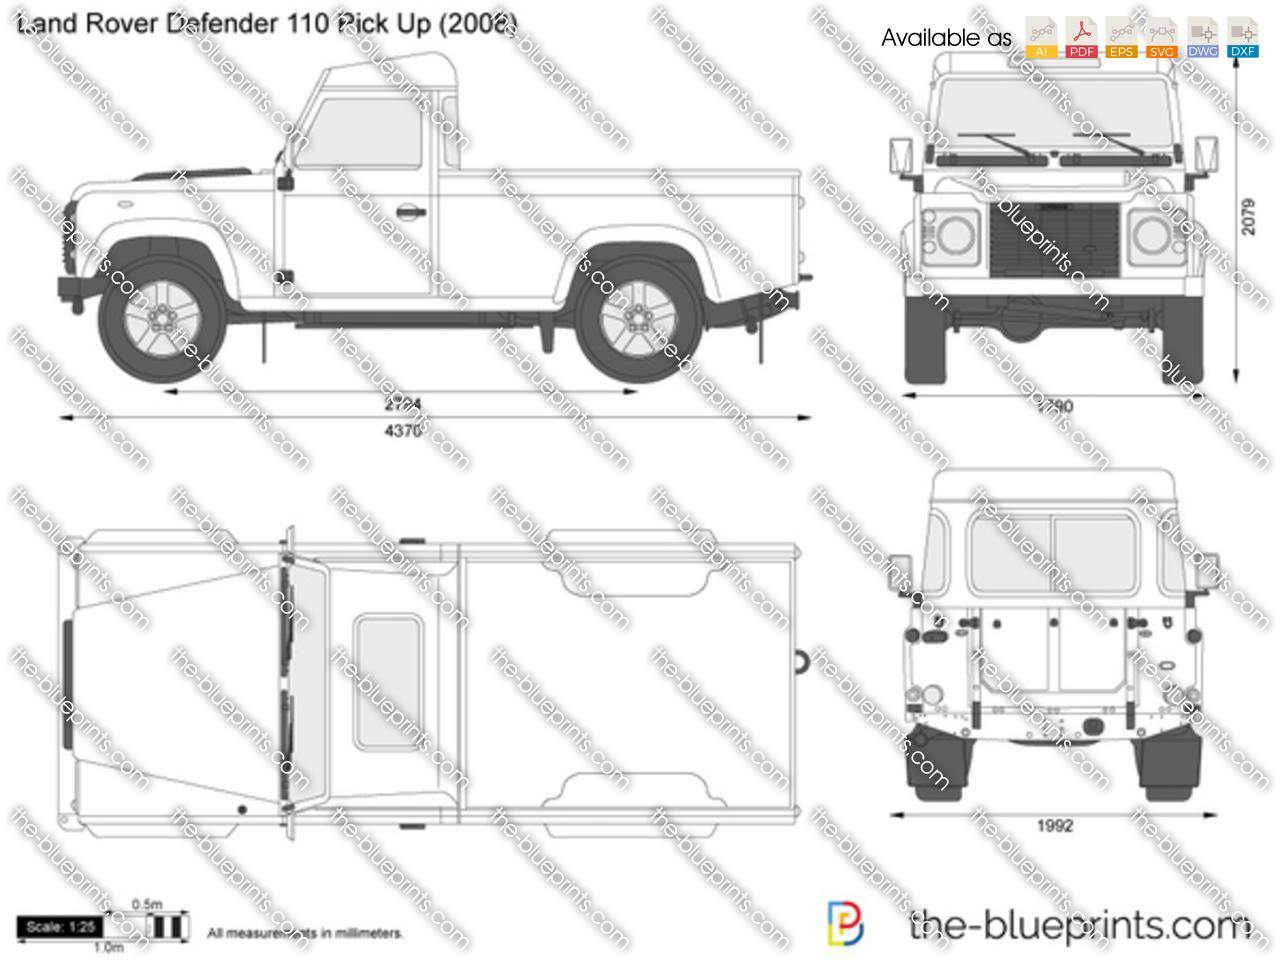 Land Rover Defender 110 Pick Up 2003